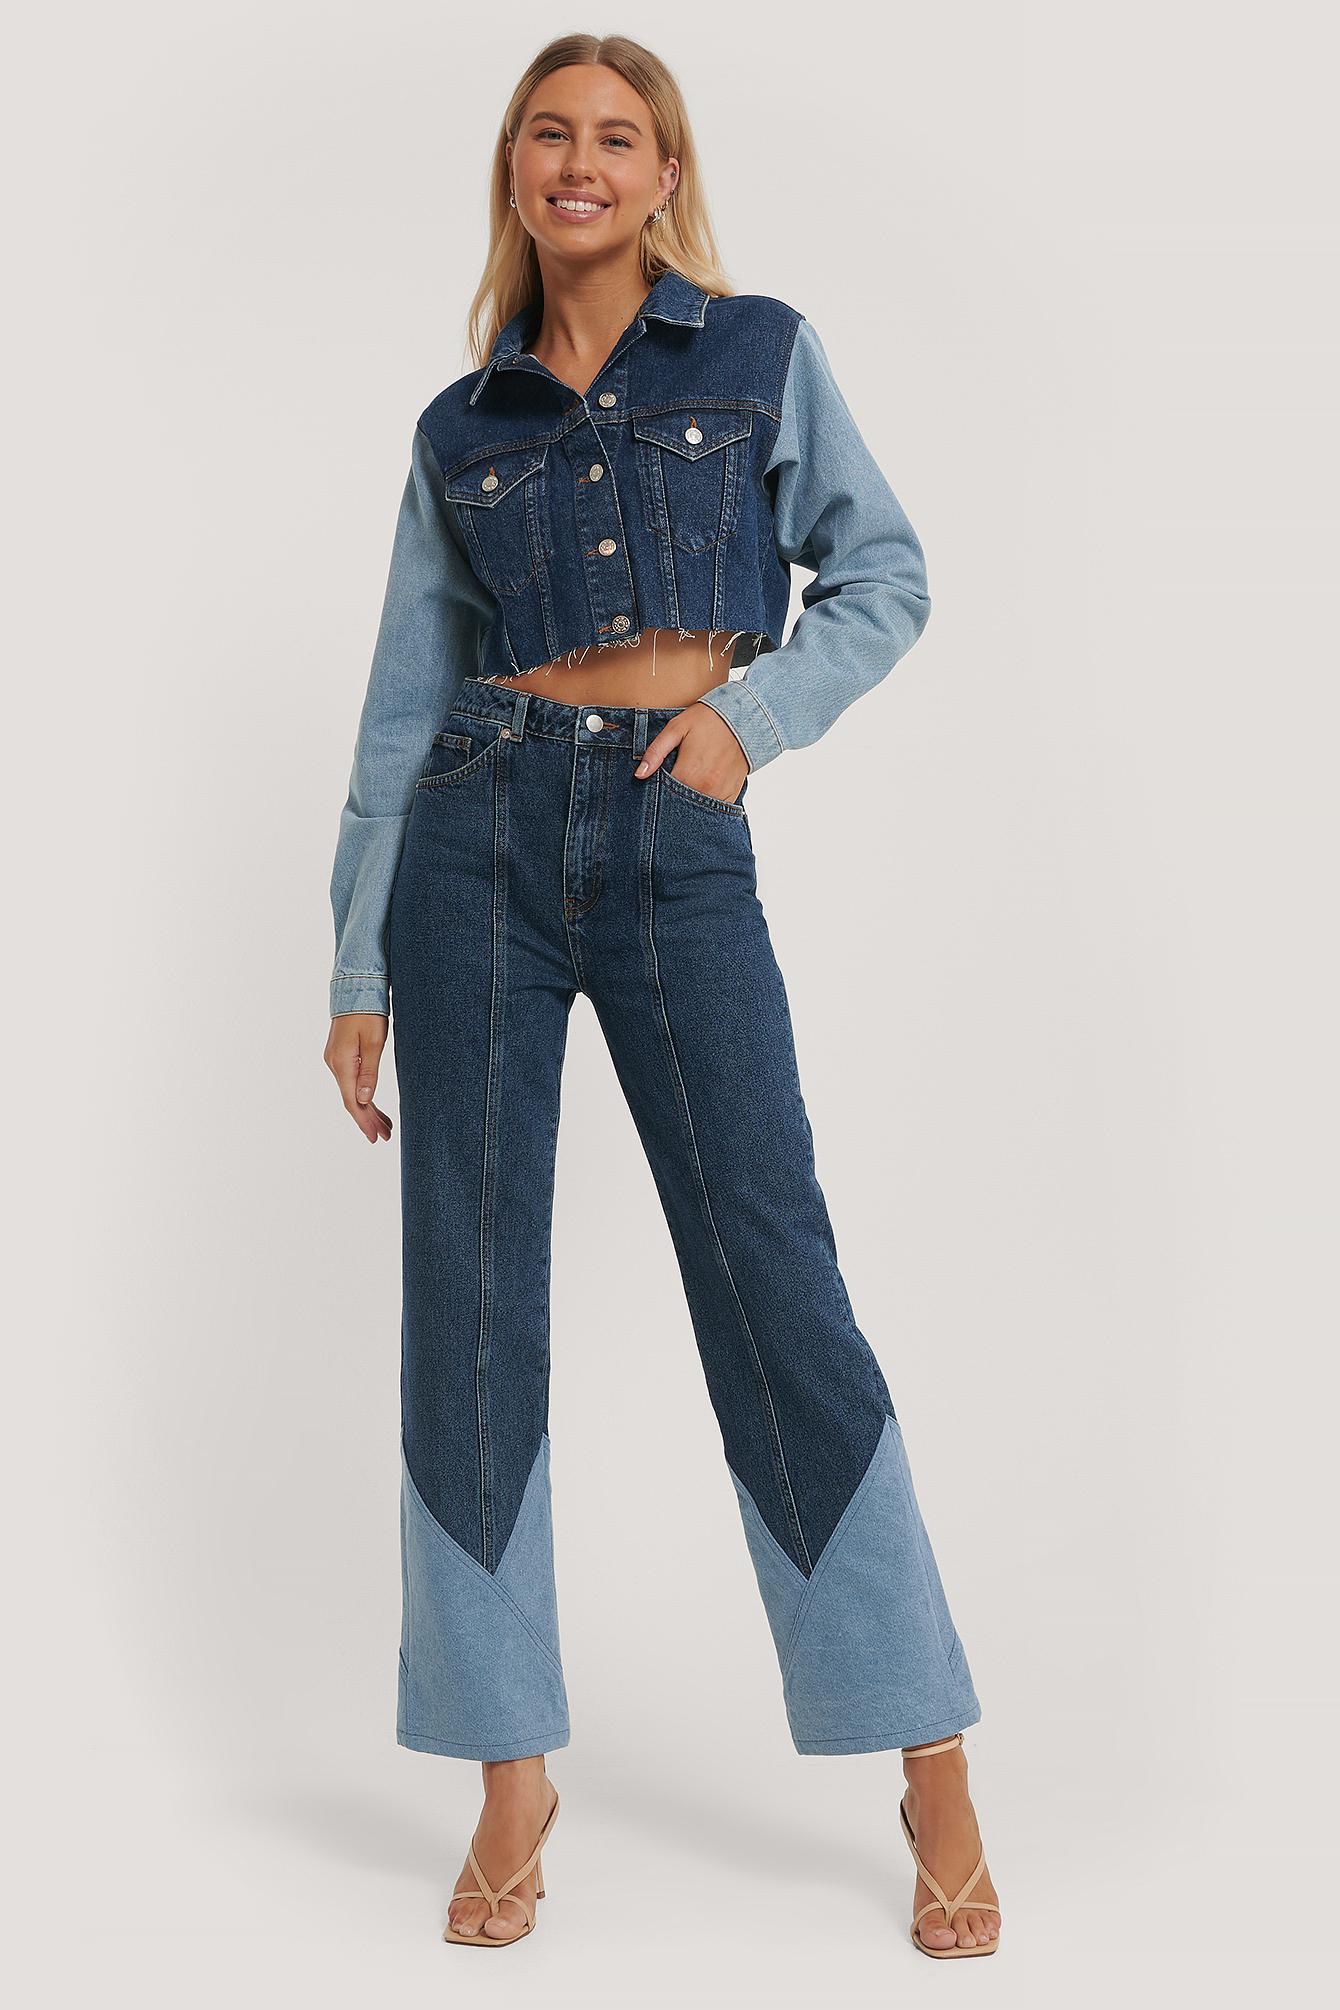 Paola Locatelli x NA-KD Højtaljede Jeans Med Vidde - Blue